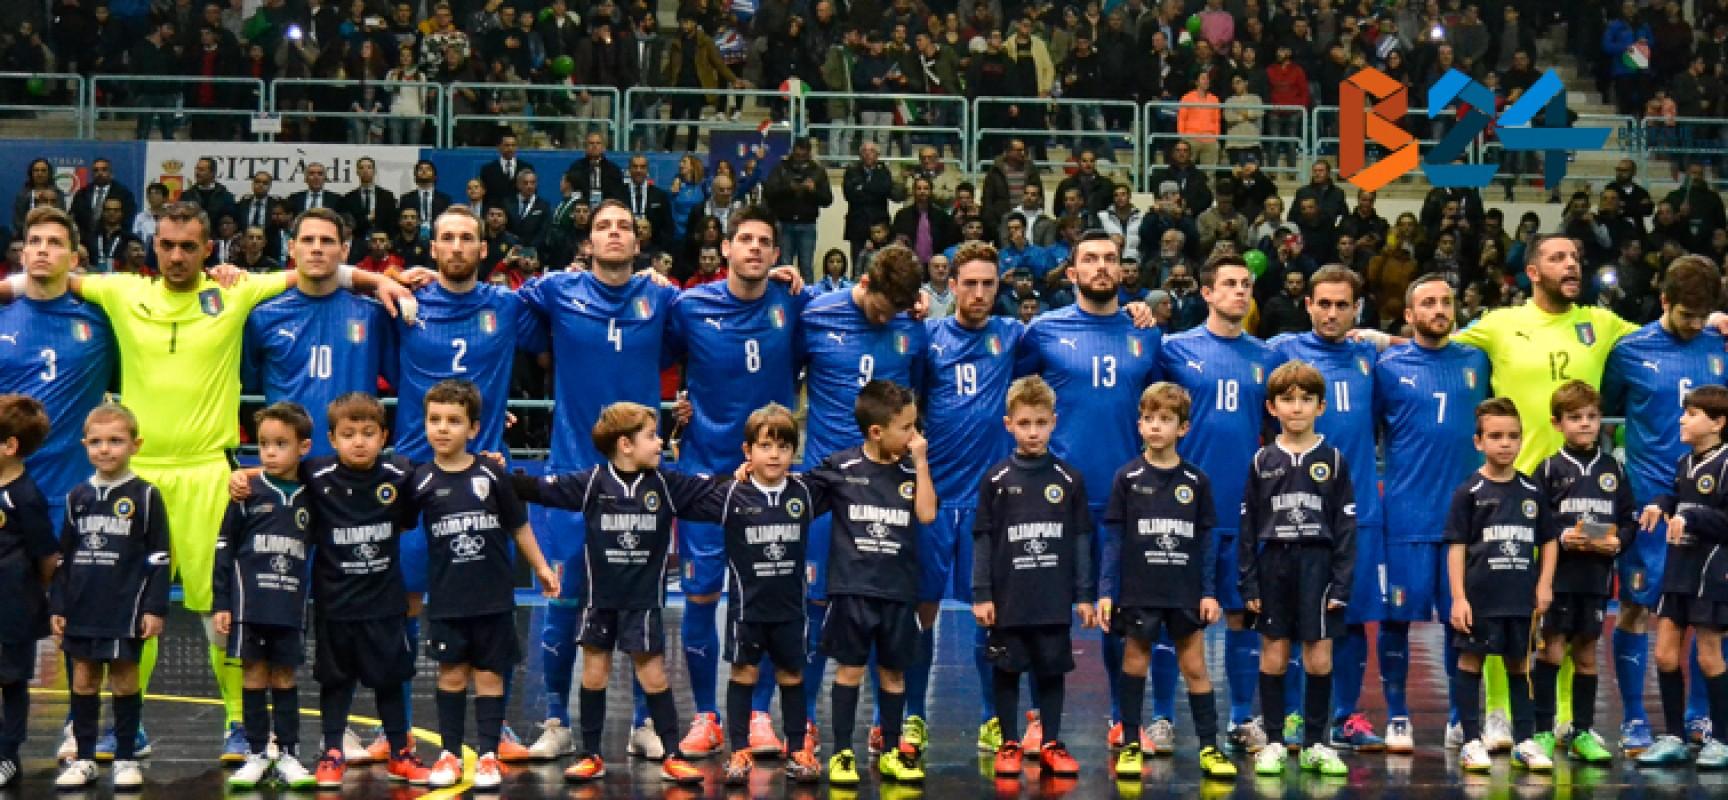 Grande notte al Paladolmen, in tremila per la Nazionale di futsal / FOTO